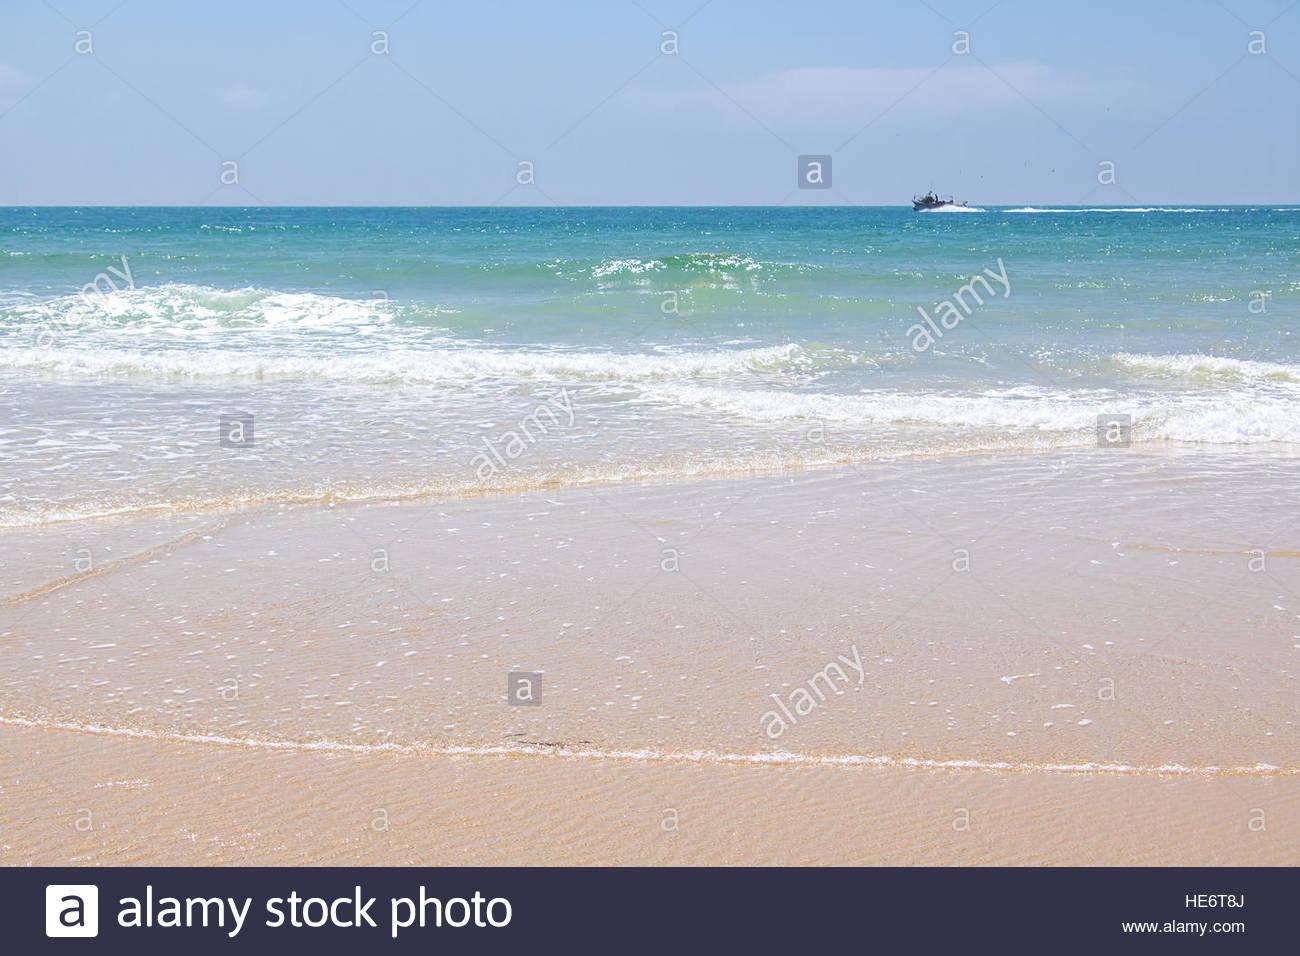 Vacanze Estate destinazione mediterranea francese spiaggia bellissima natura oceanscape Fotografia di viaggio onirico Immagini Stock